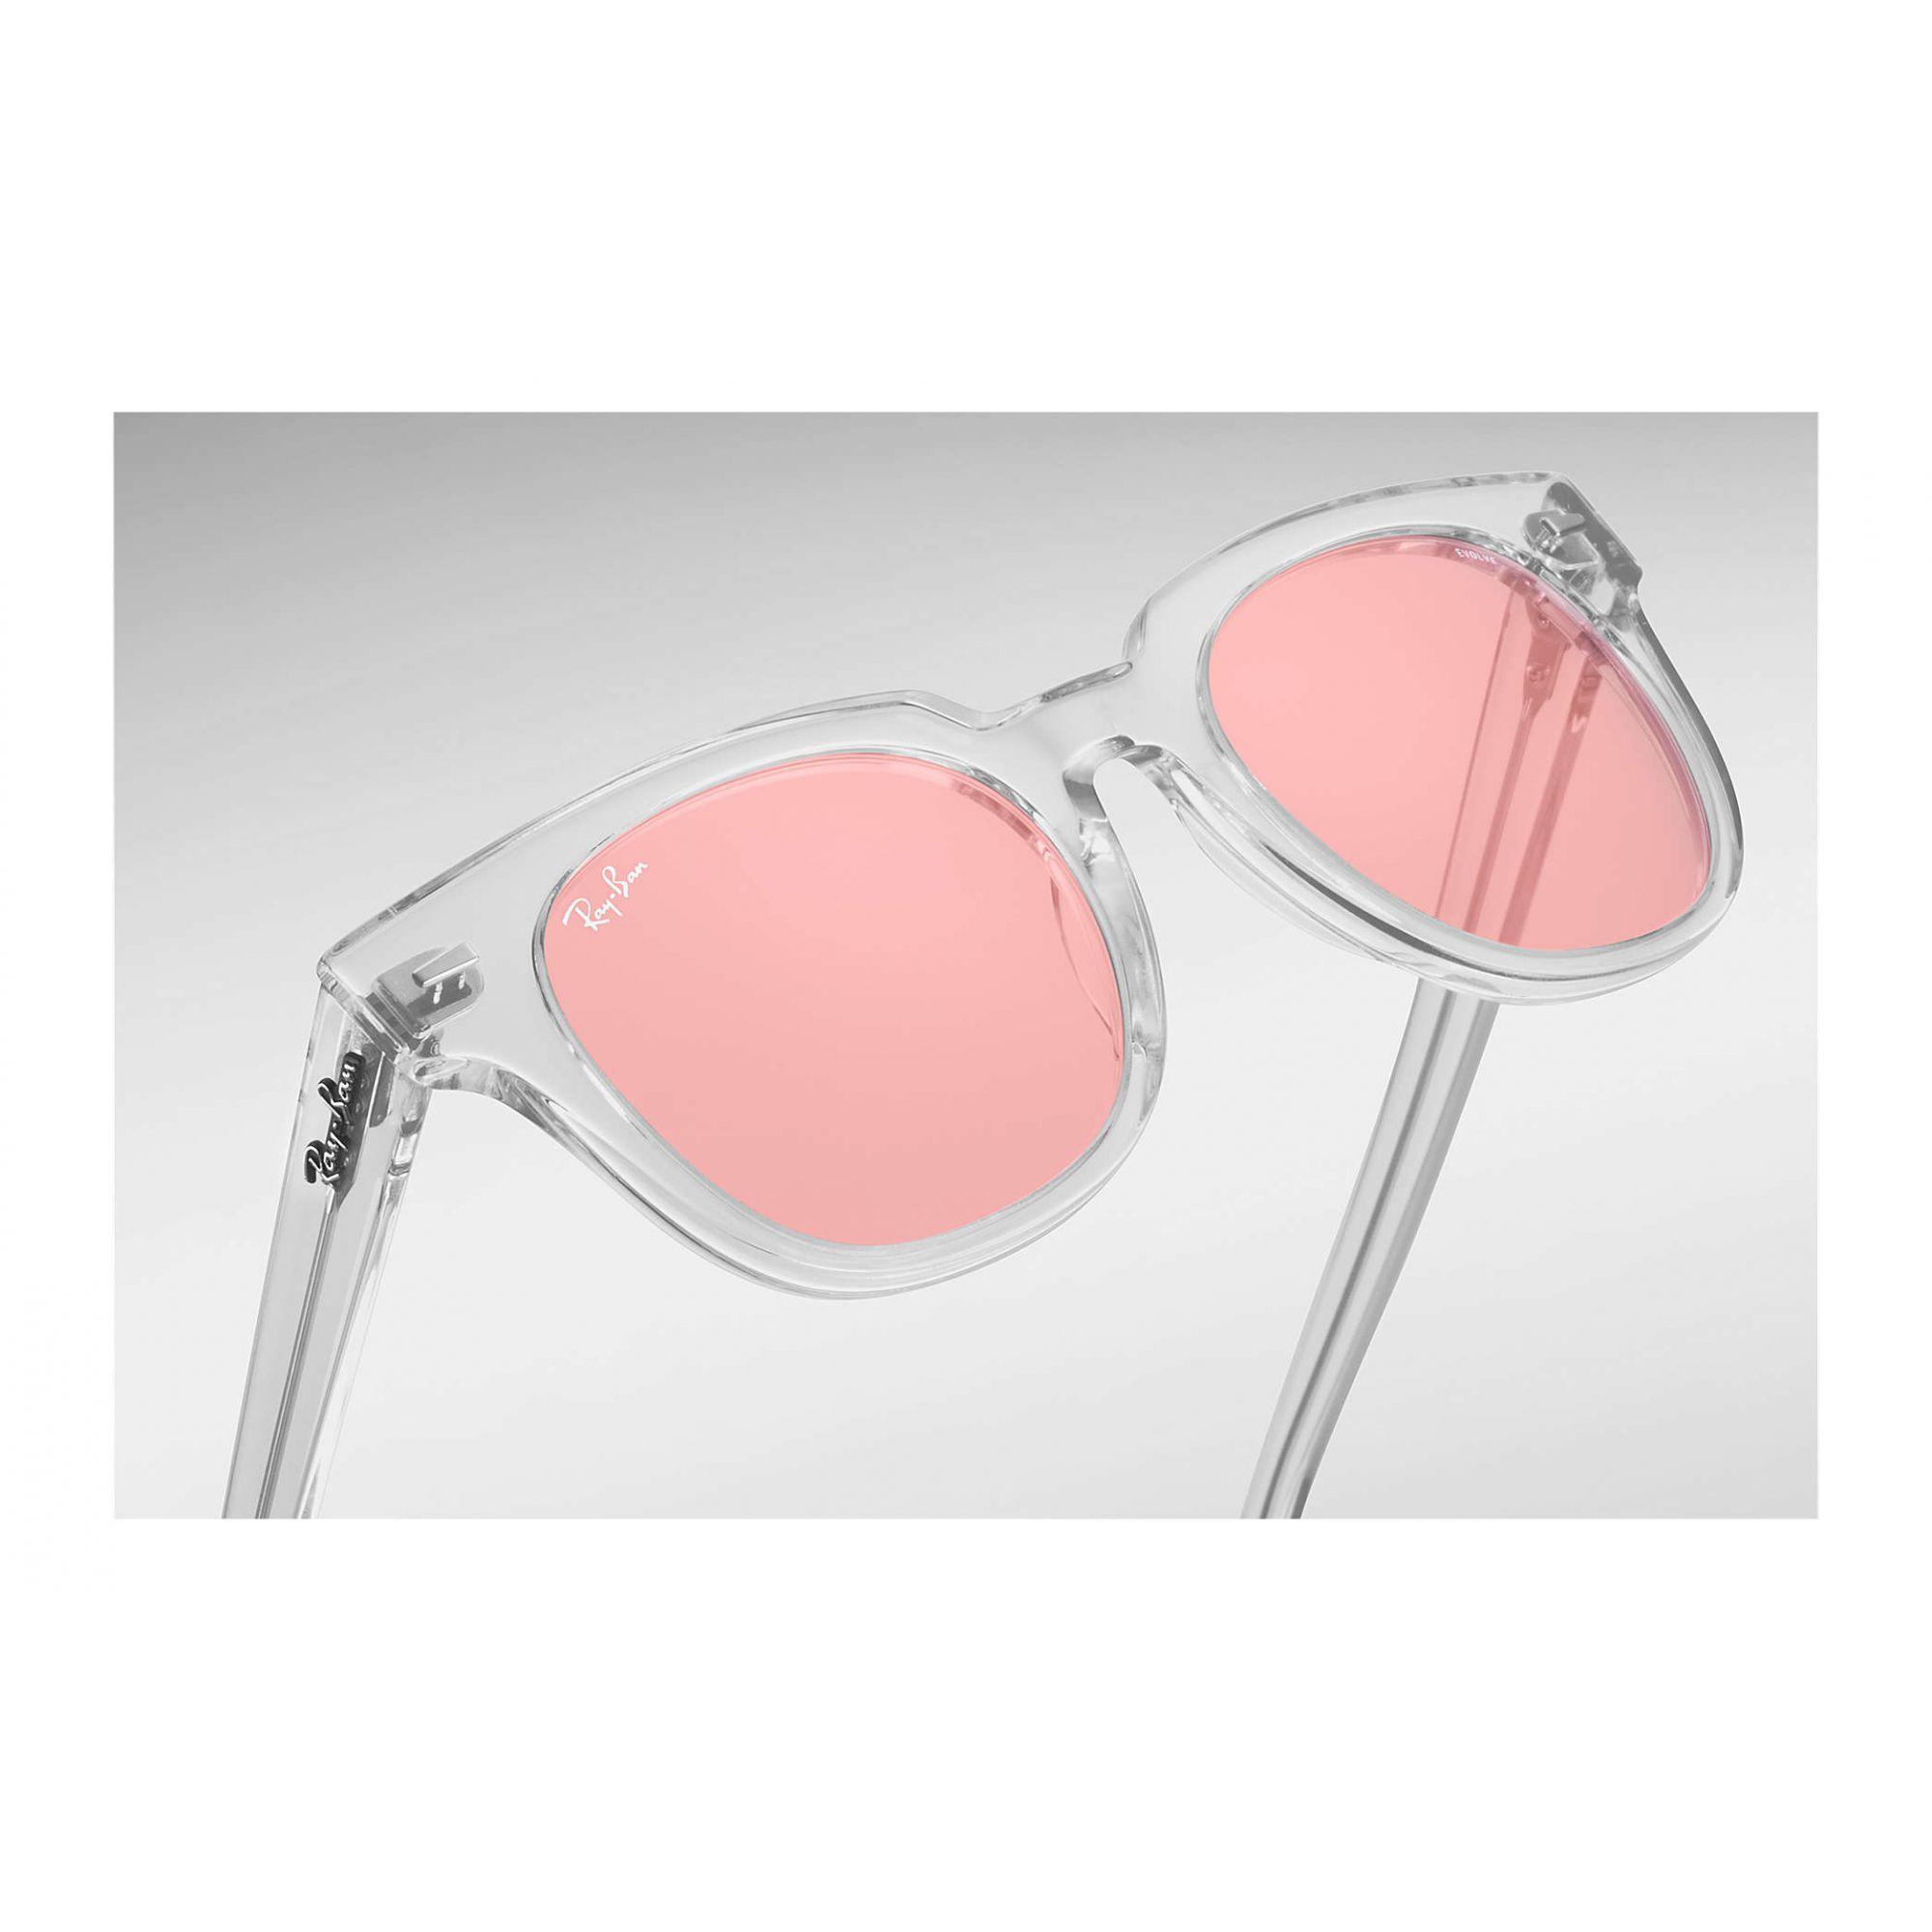 Ray Ban - RB2168 912V7 - Óculos de sol